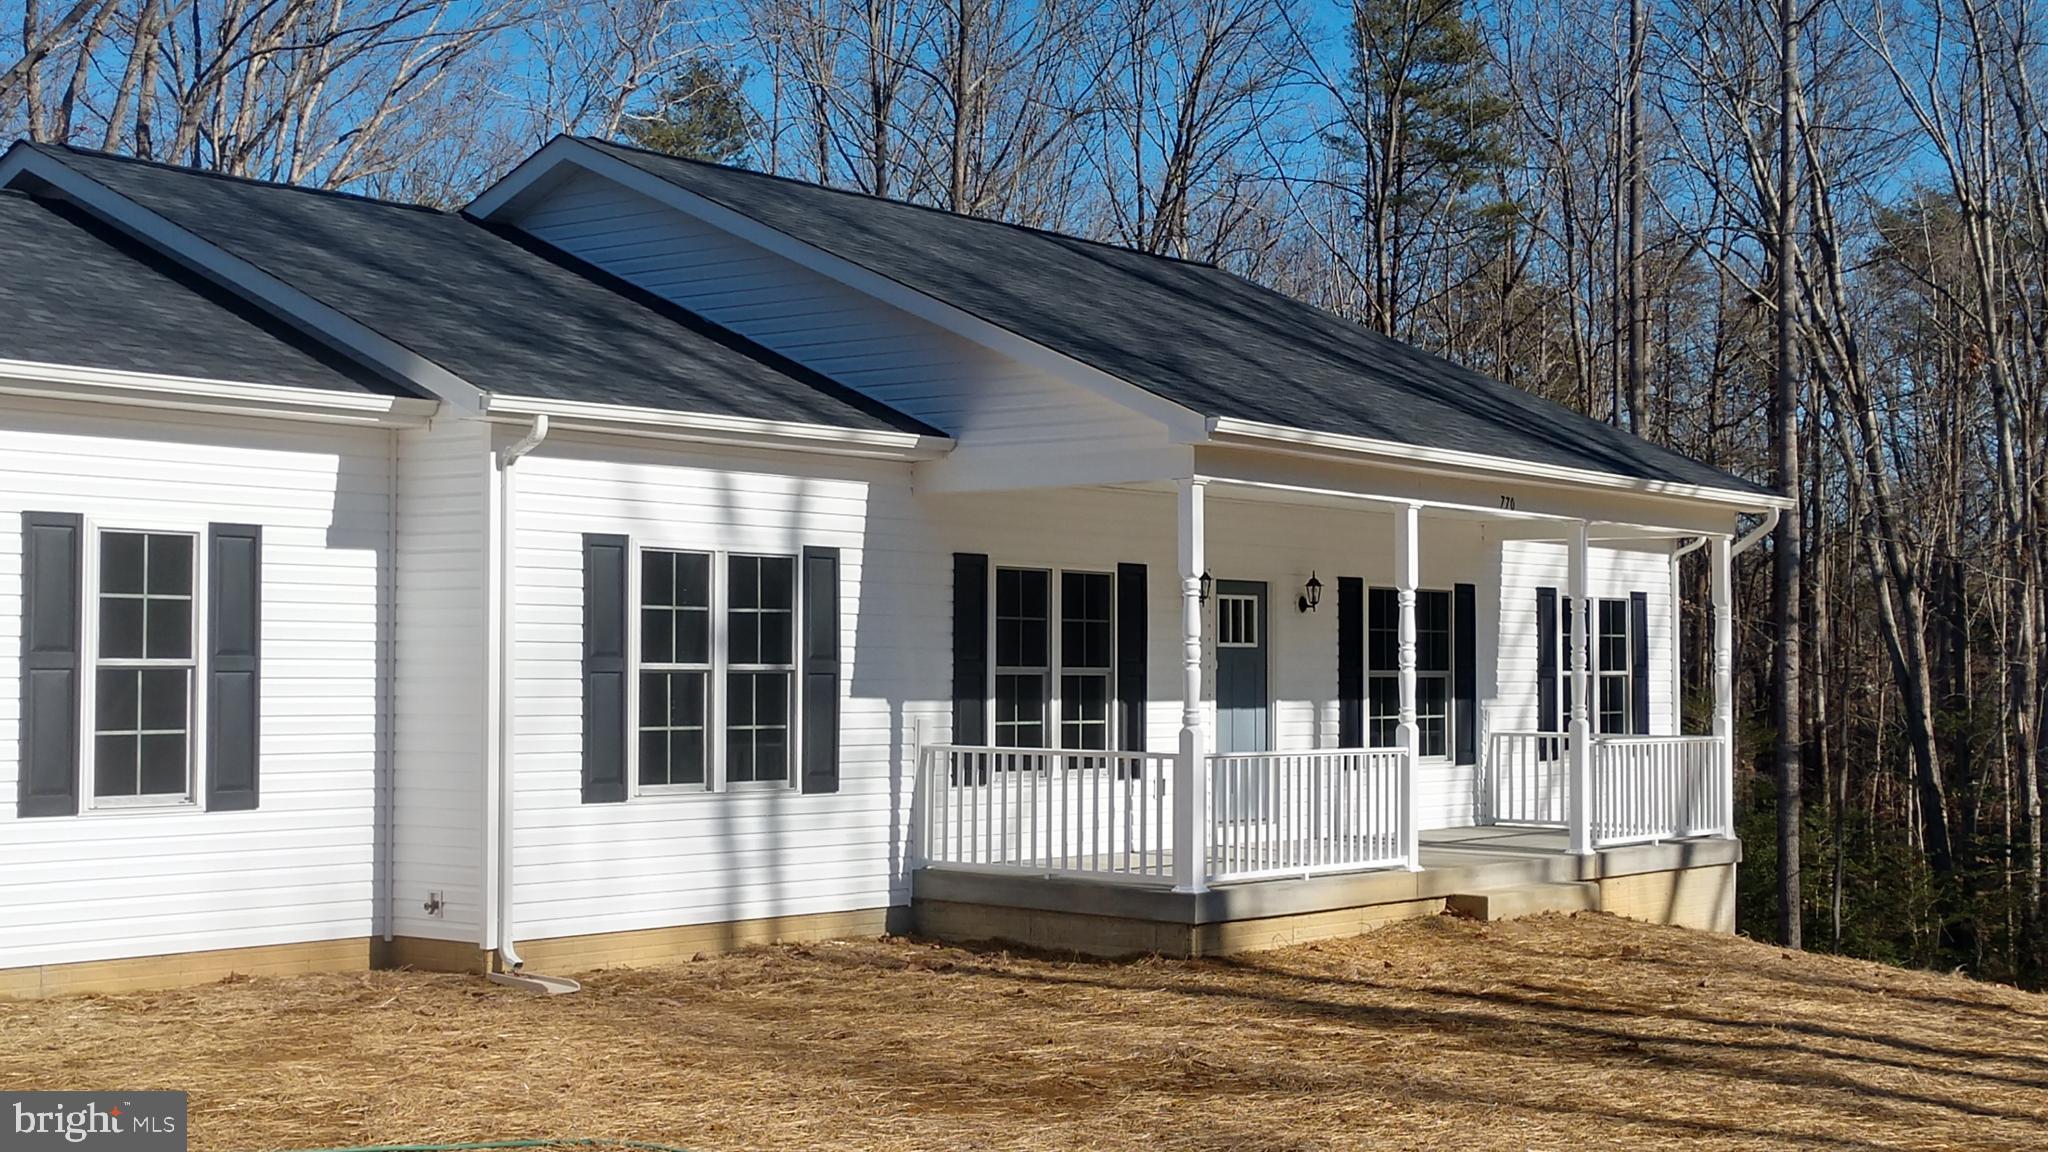 770 Kaycolo Ln, Fredericksburg, VA, 22405